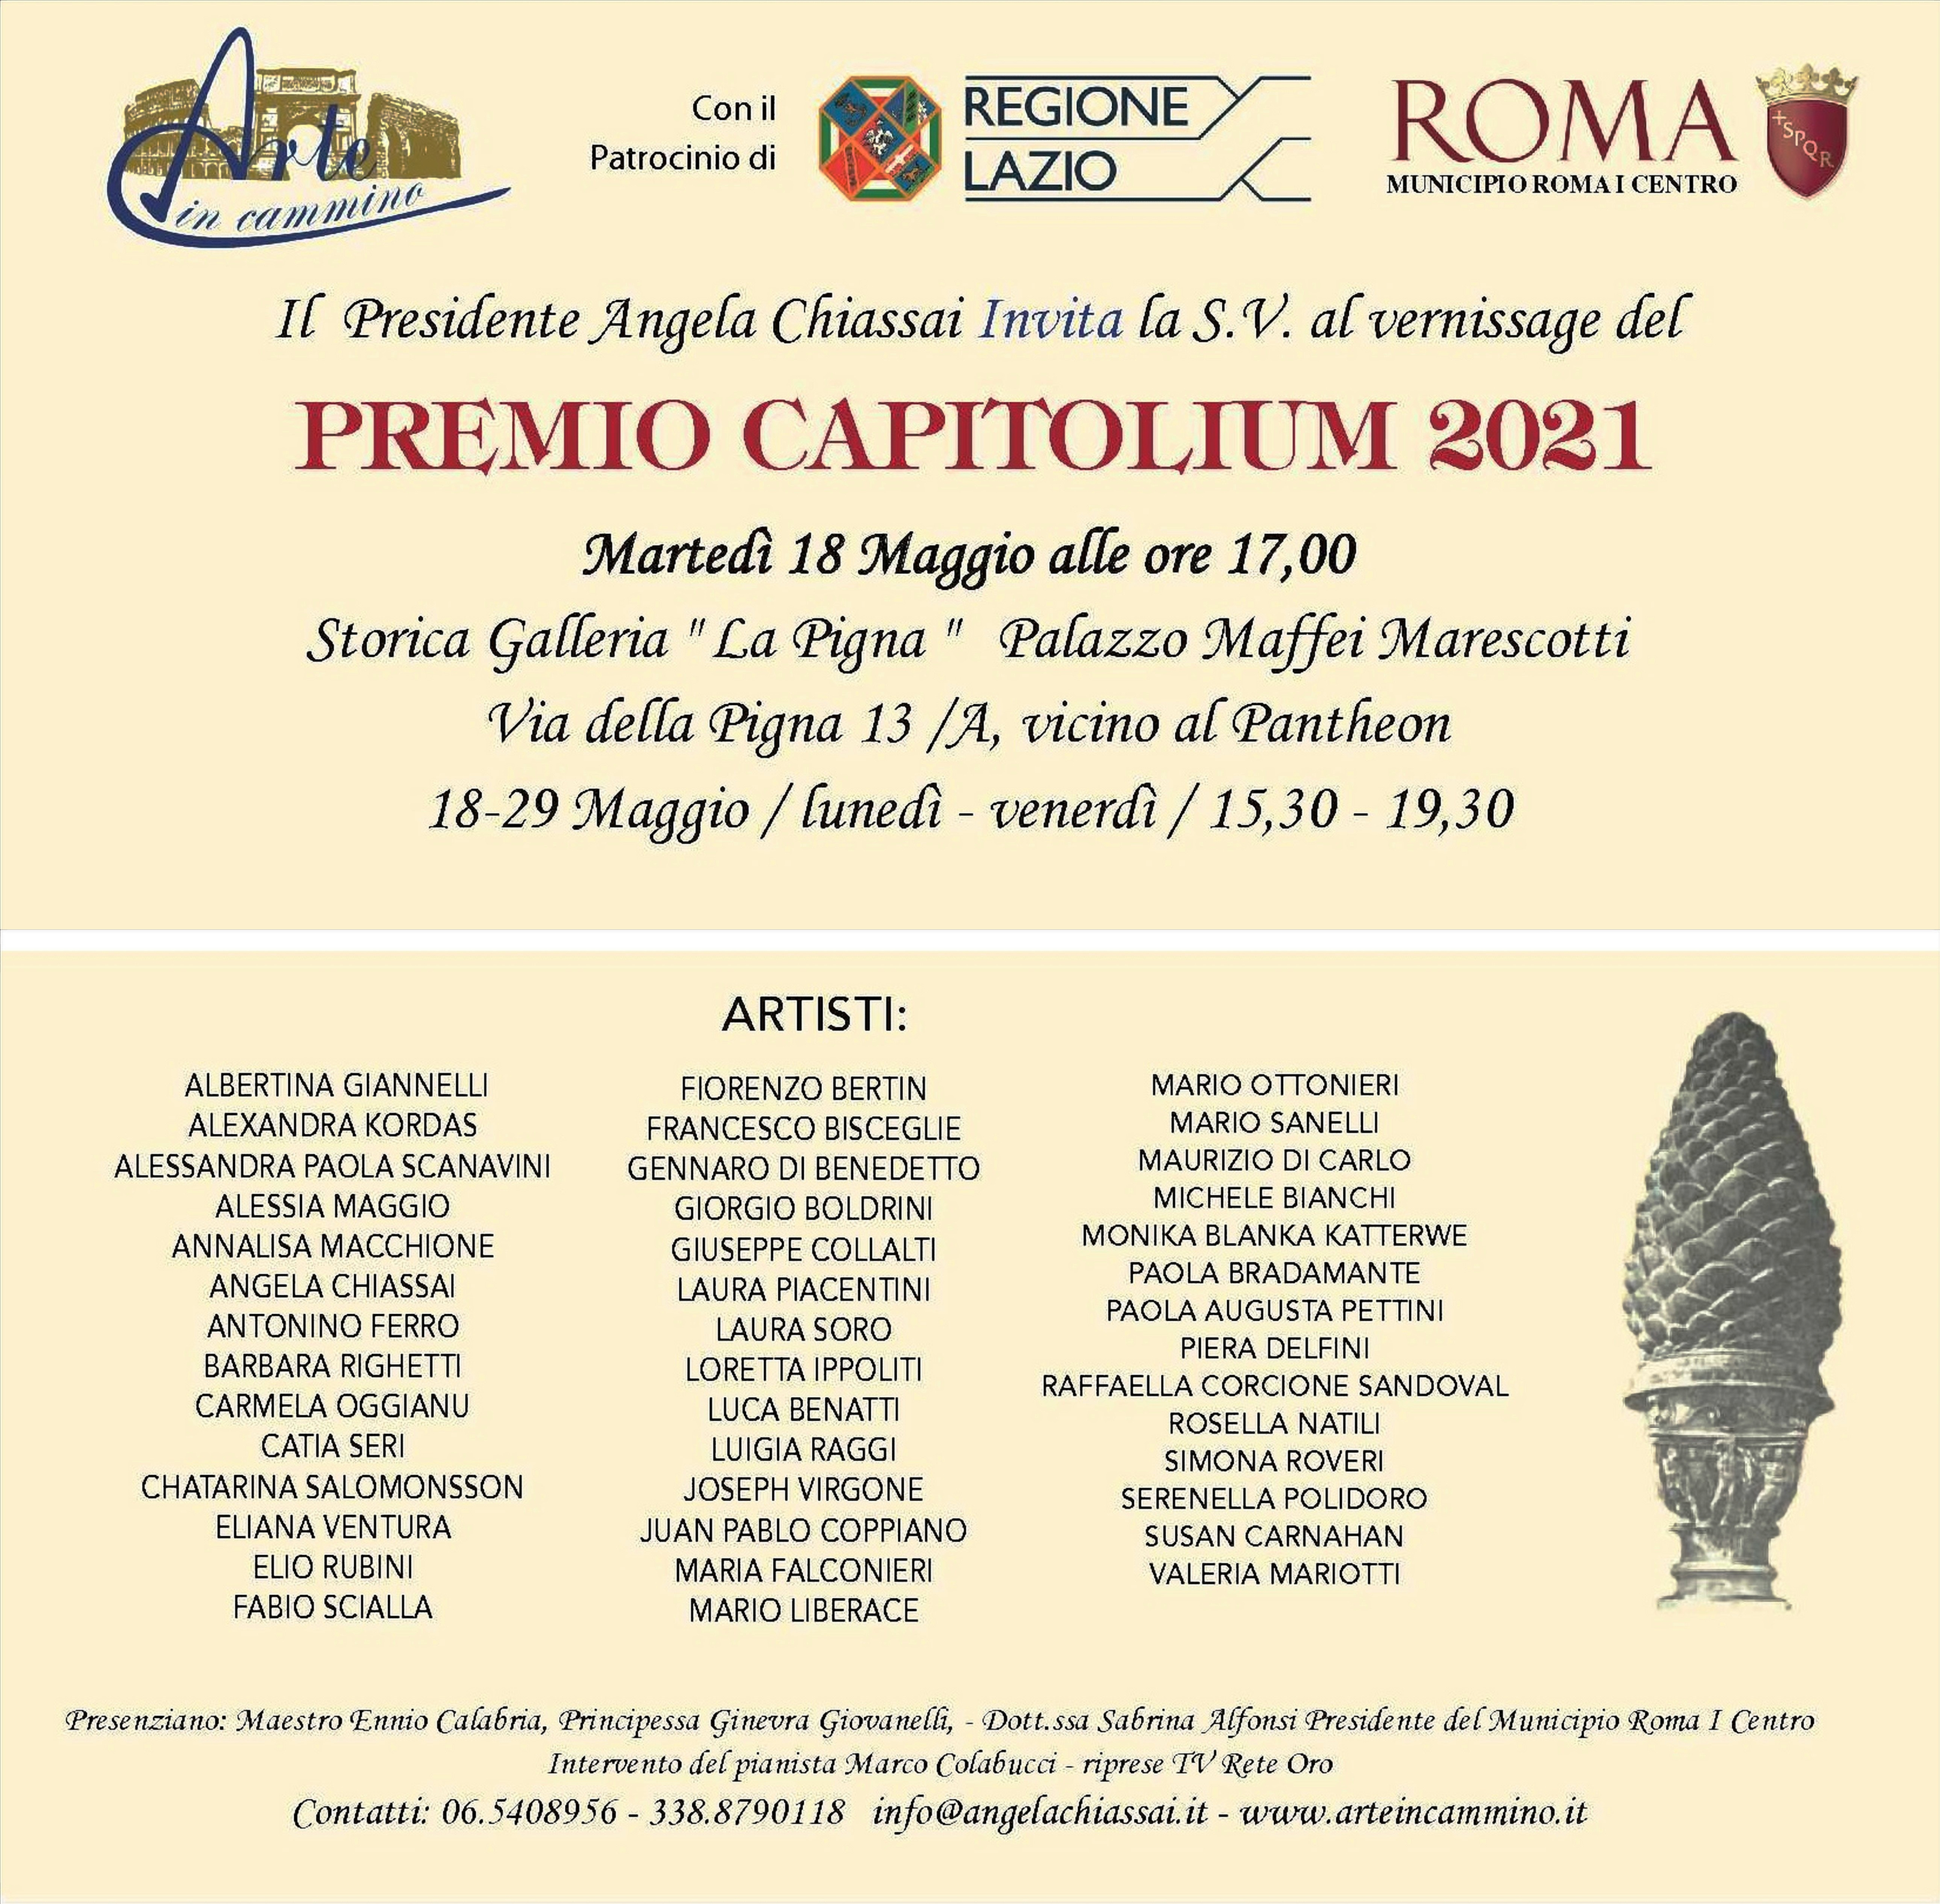 INVITO Capitolium 2021